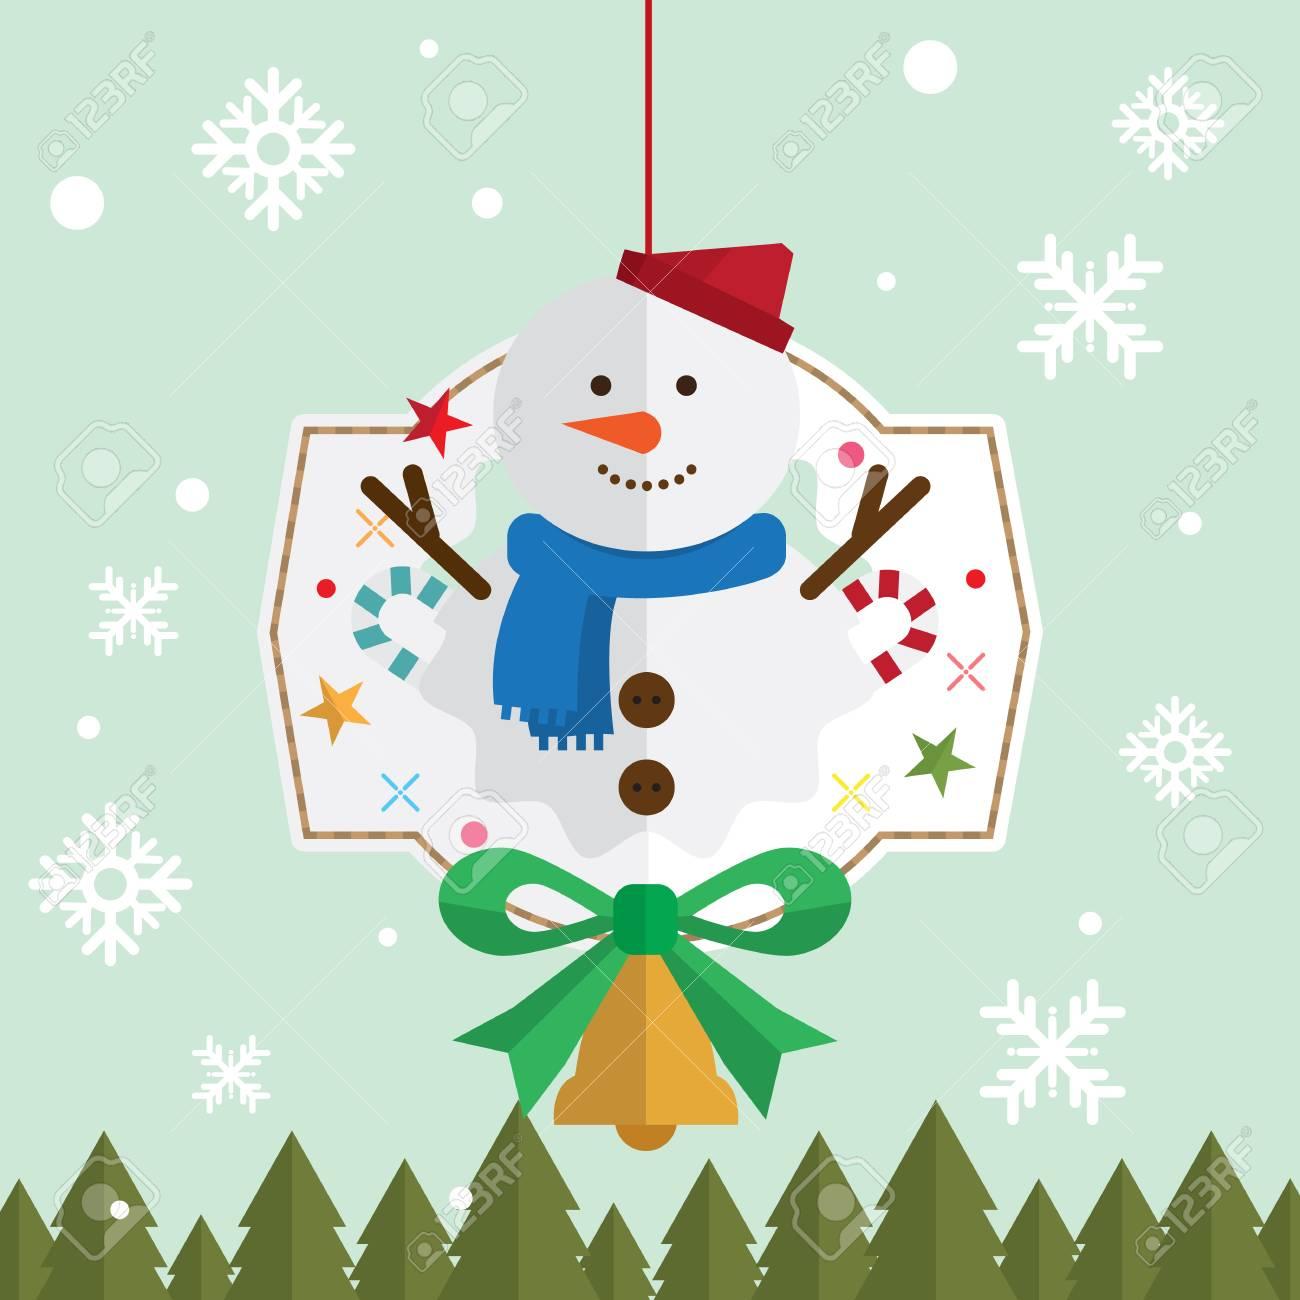 クリスマス雪男雪装飾ベクトルのイラスト素材ベクタ Image 66249197